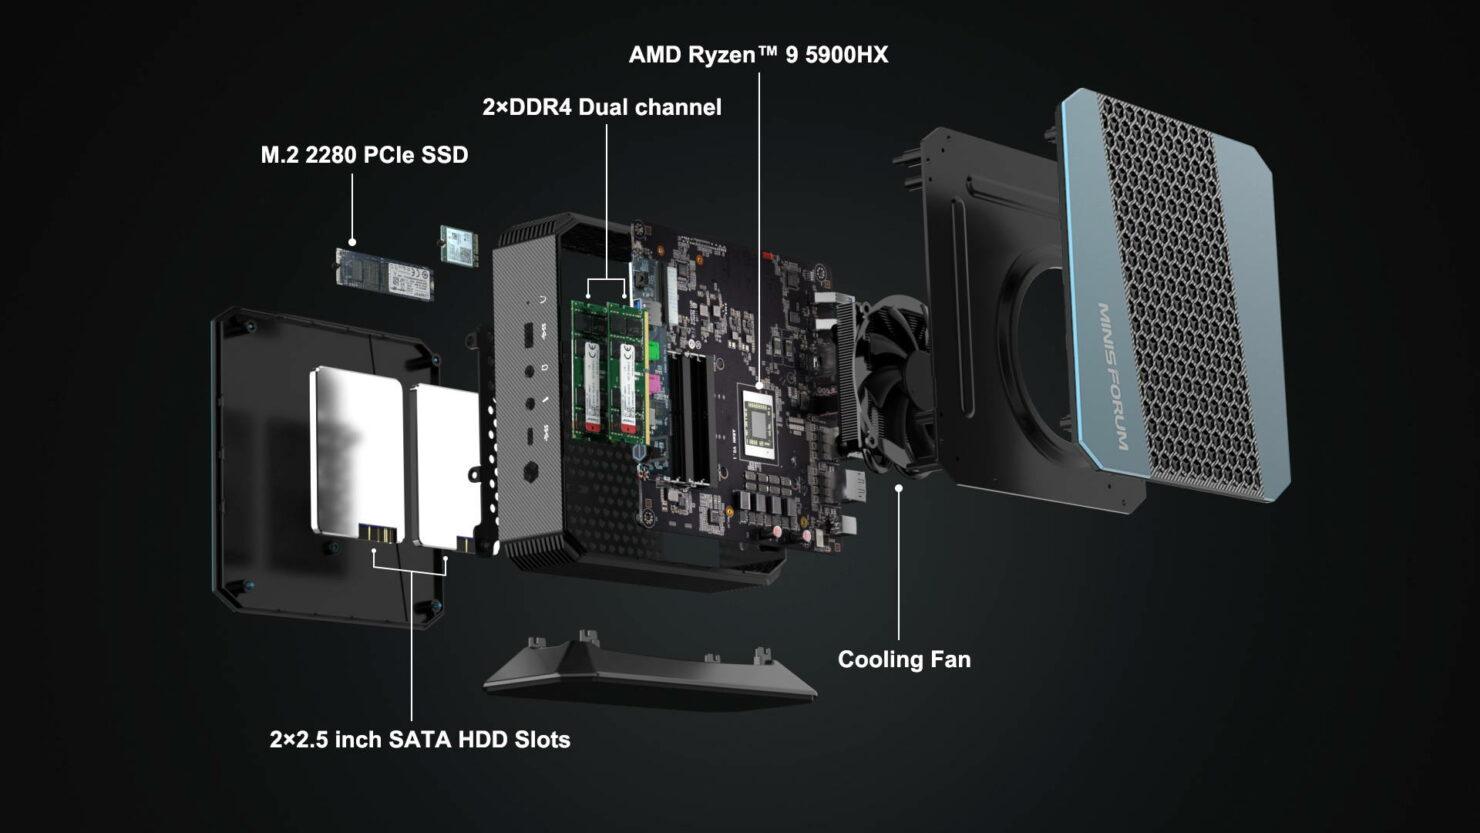 minisforum-elitemini-hx90-amd-ryzen-9-5900hx-cpu-powered-sff-mini-pc-_6